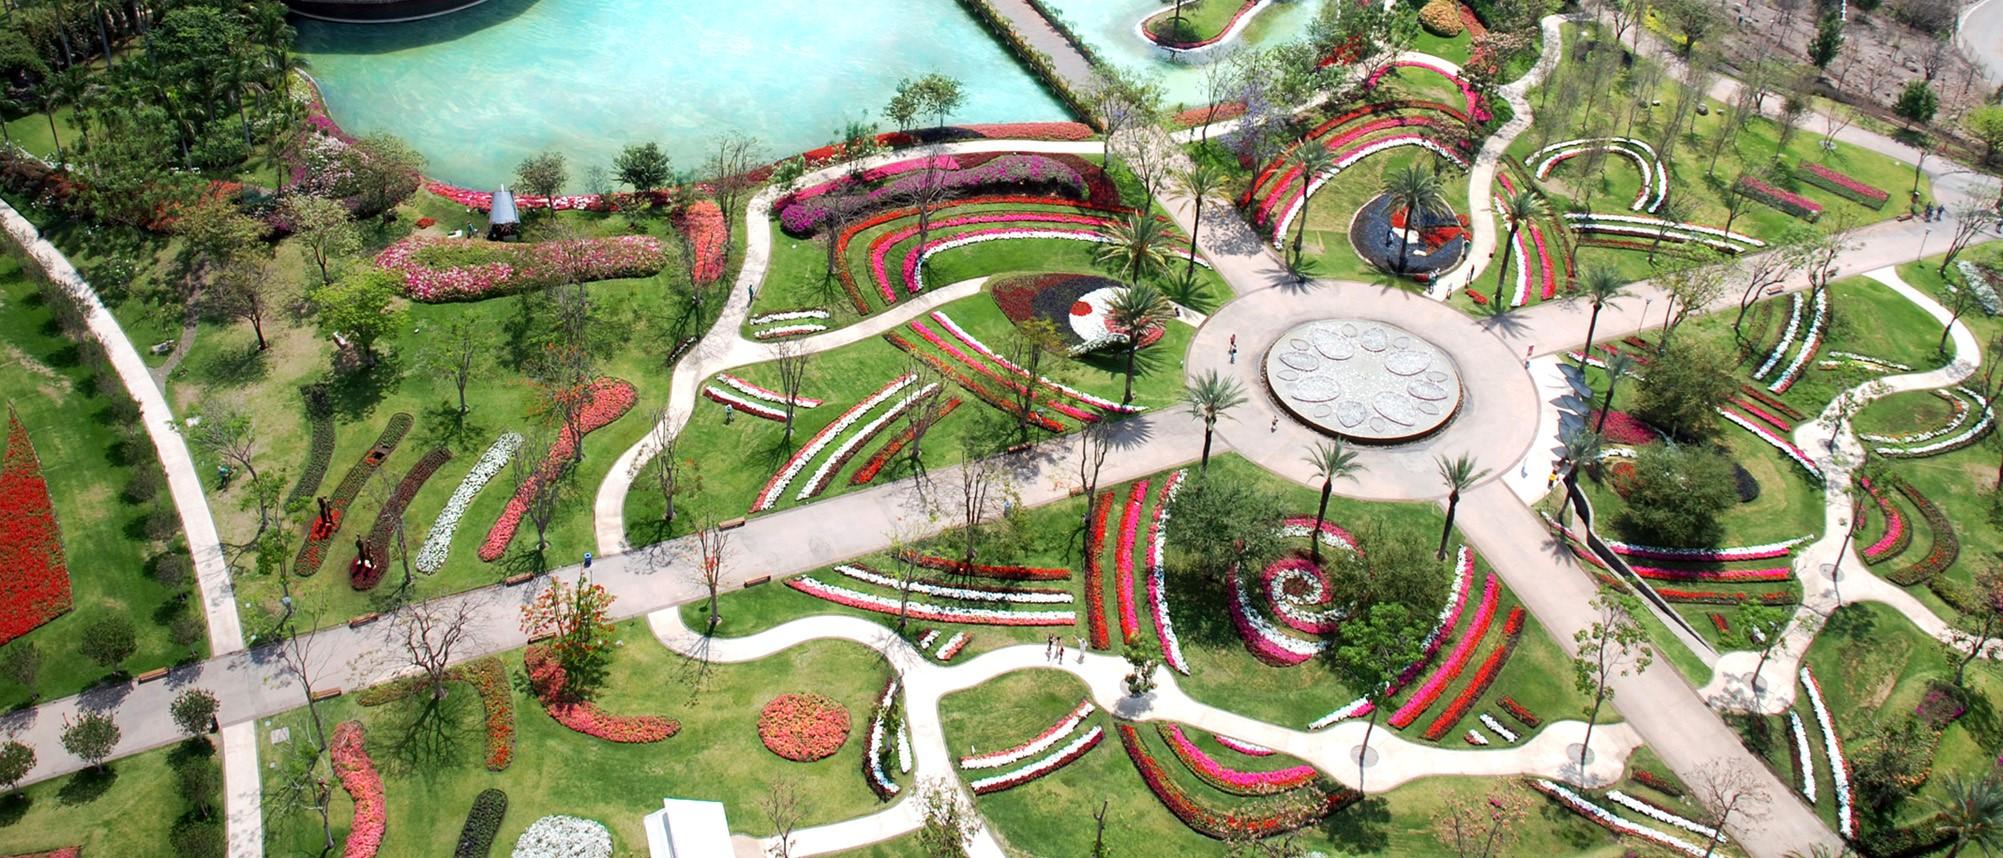 Los jardines de México comprometidos con los damnificados en Morelos